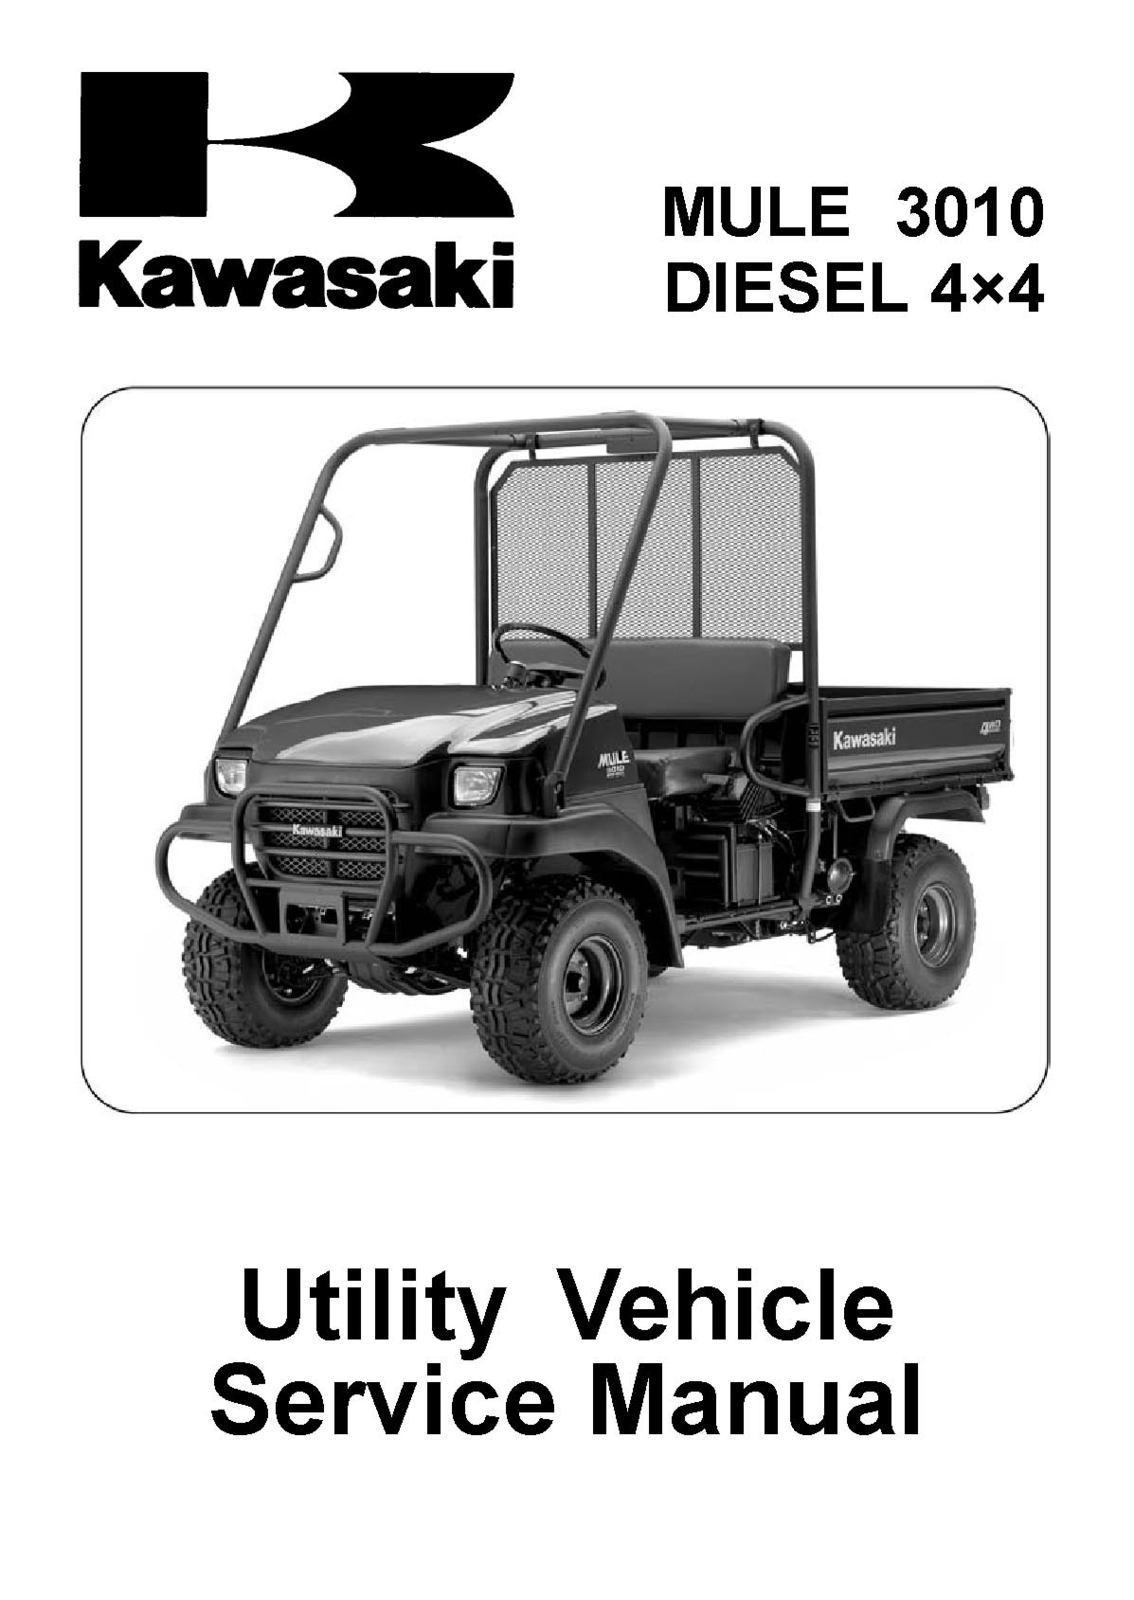 Mule 3010 diesel 4 4 2008